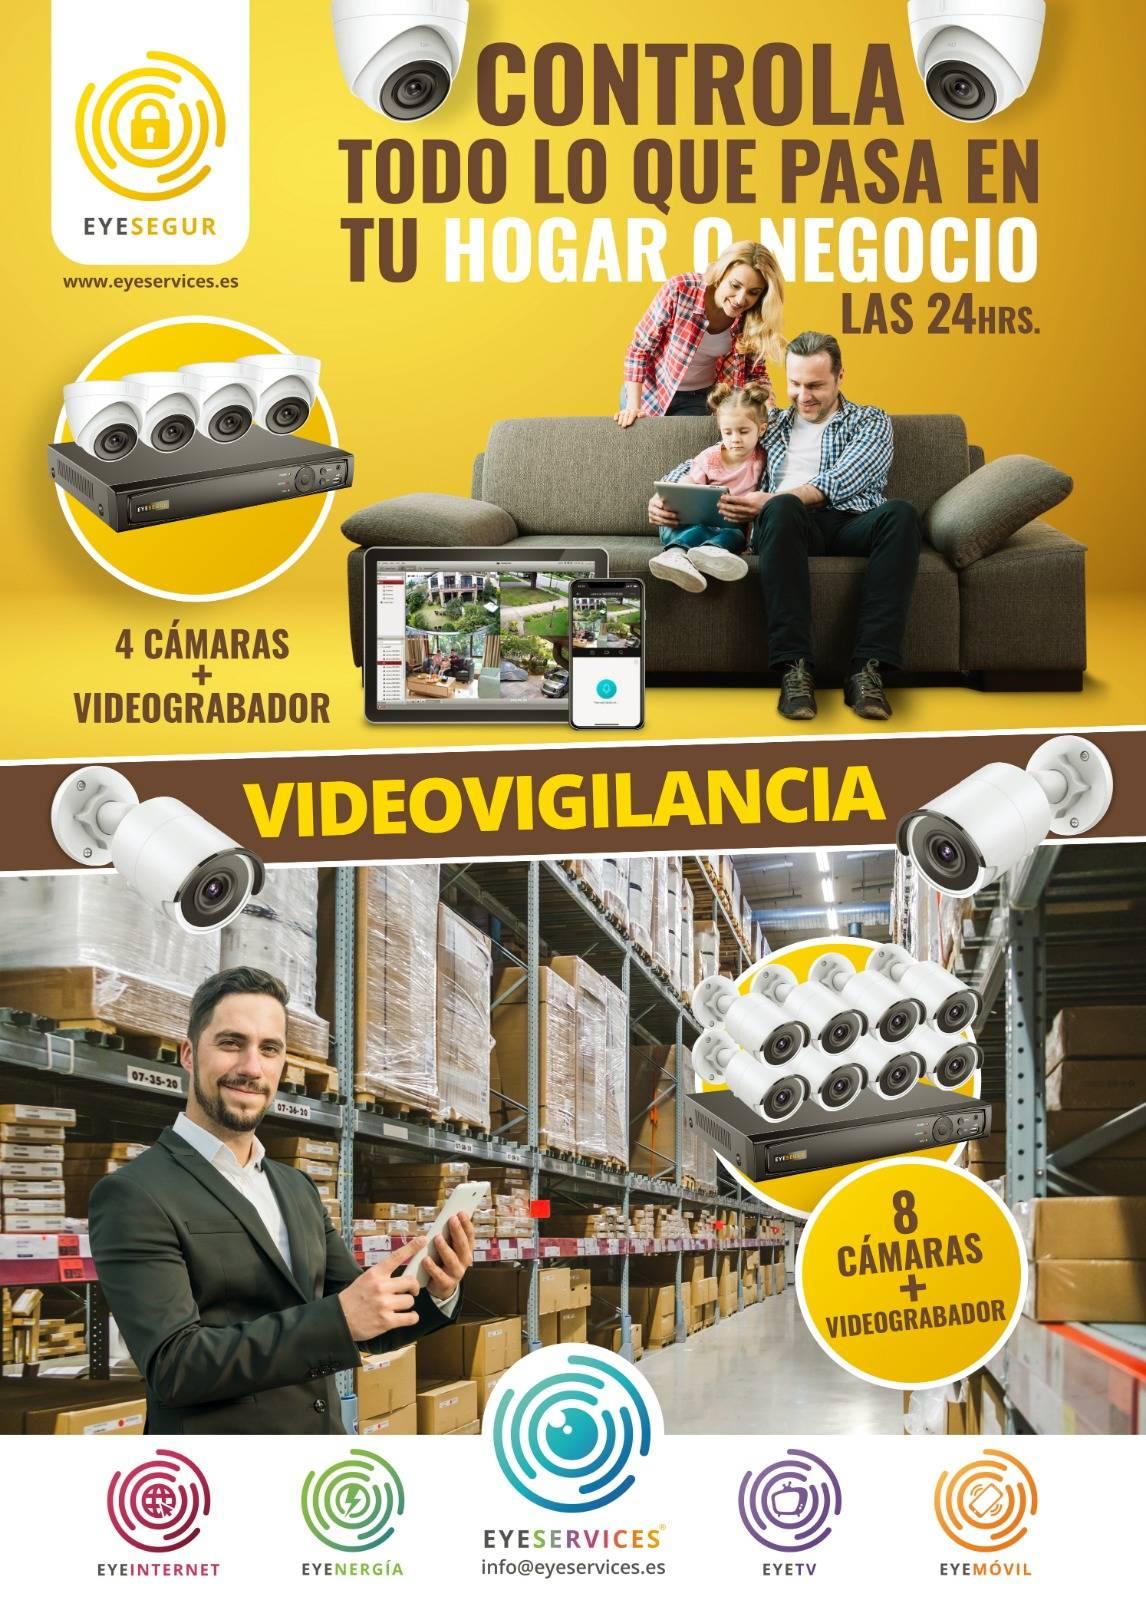 Videovigilancia, Controla todo lo que pasa en tu negocio o hogar